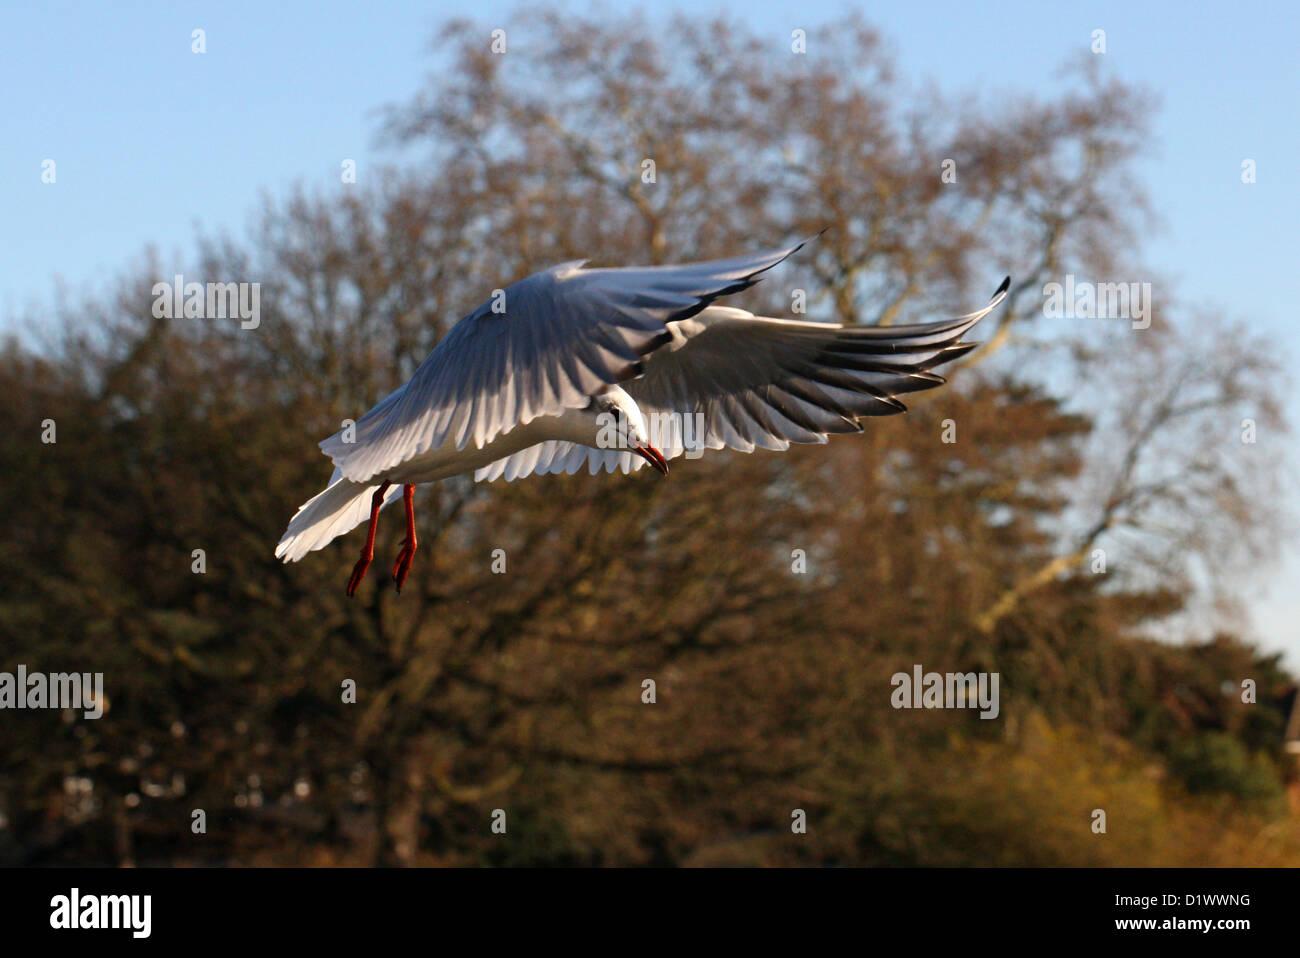 Black-headed Gull, Chroicocephalus ridibundus, Laridae Flying - Stock Image